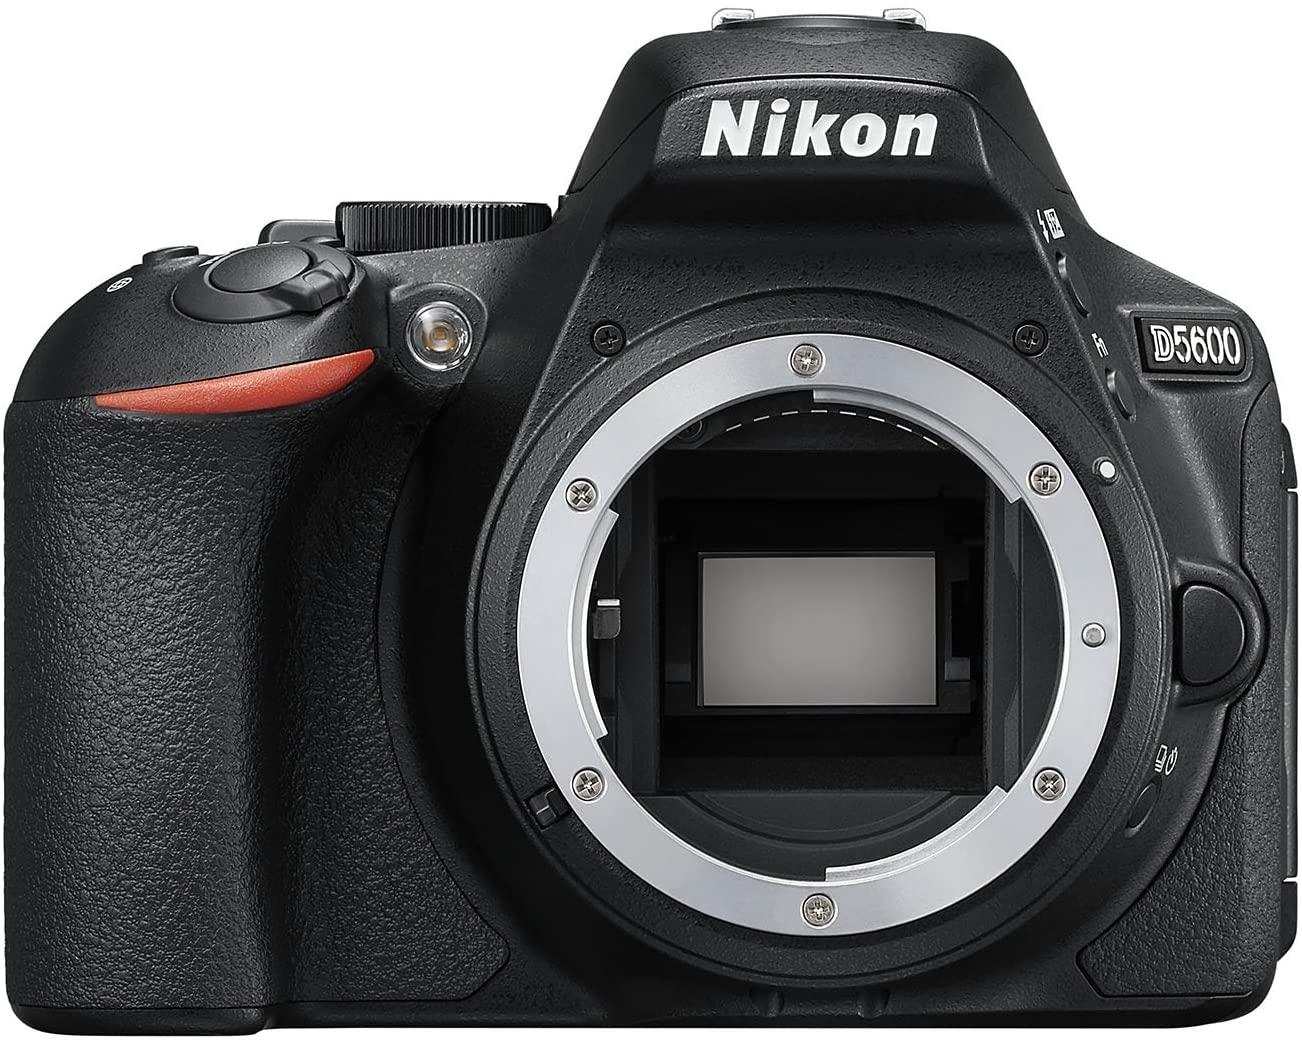 Nikon D5600 Cuerpo de la cámara SLR 24,2 MP CMOS 6000 x 4000 Pixeles Negro - Cámara Digital (24,2 MP, 6000 x 4000 Pixeles, CMOS, Full HD, Pantalla táctil, Negro)